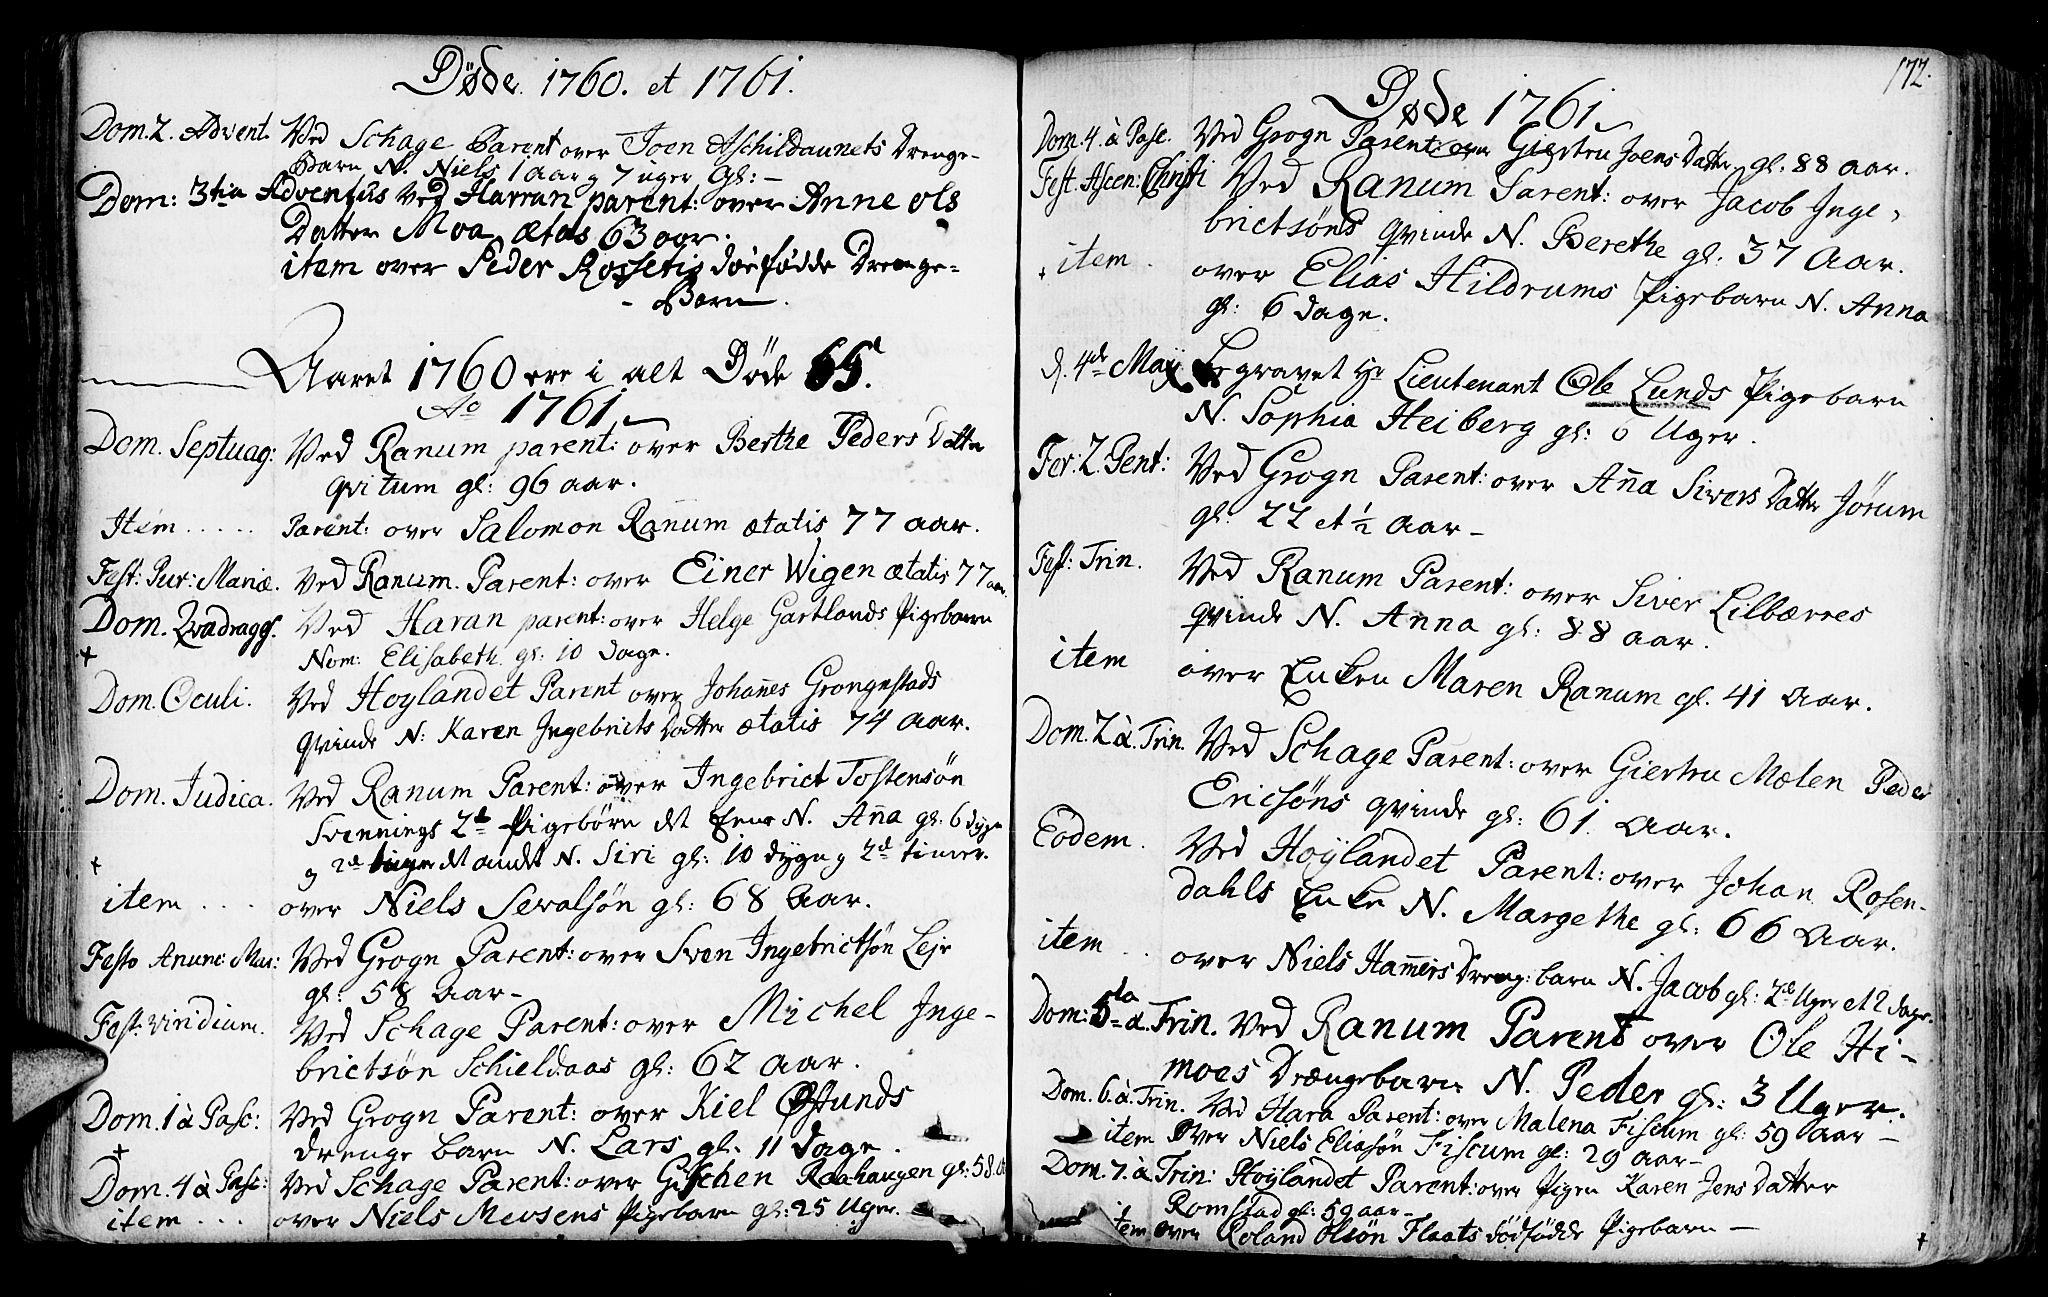 SAT, Ministerialprotokoller, klokkerbøker og fødselsregistre - Nord-Trøndelag, 764/L0542: Ministerialbok nr. 764A02, 1748-1779, s. 172